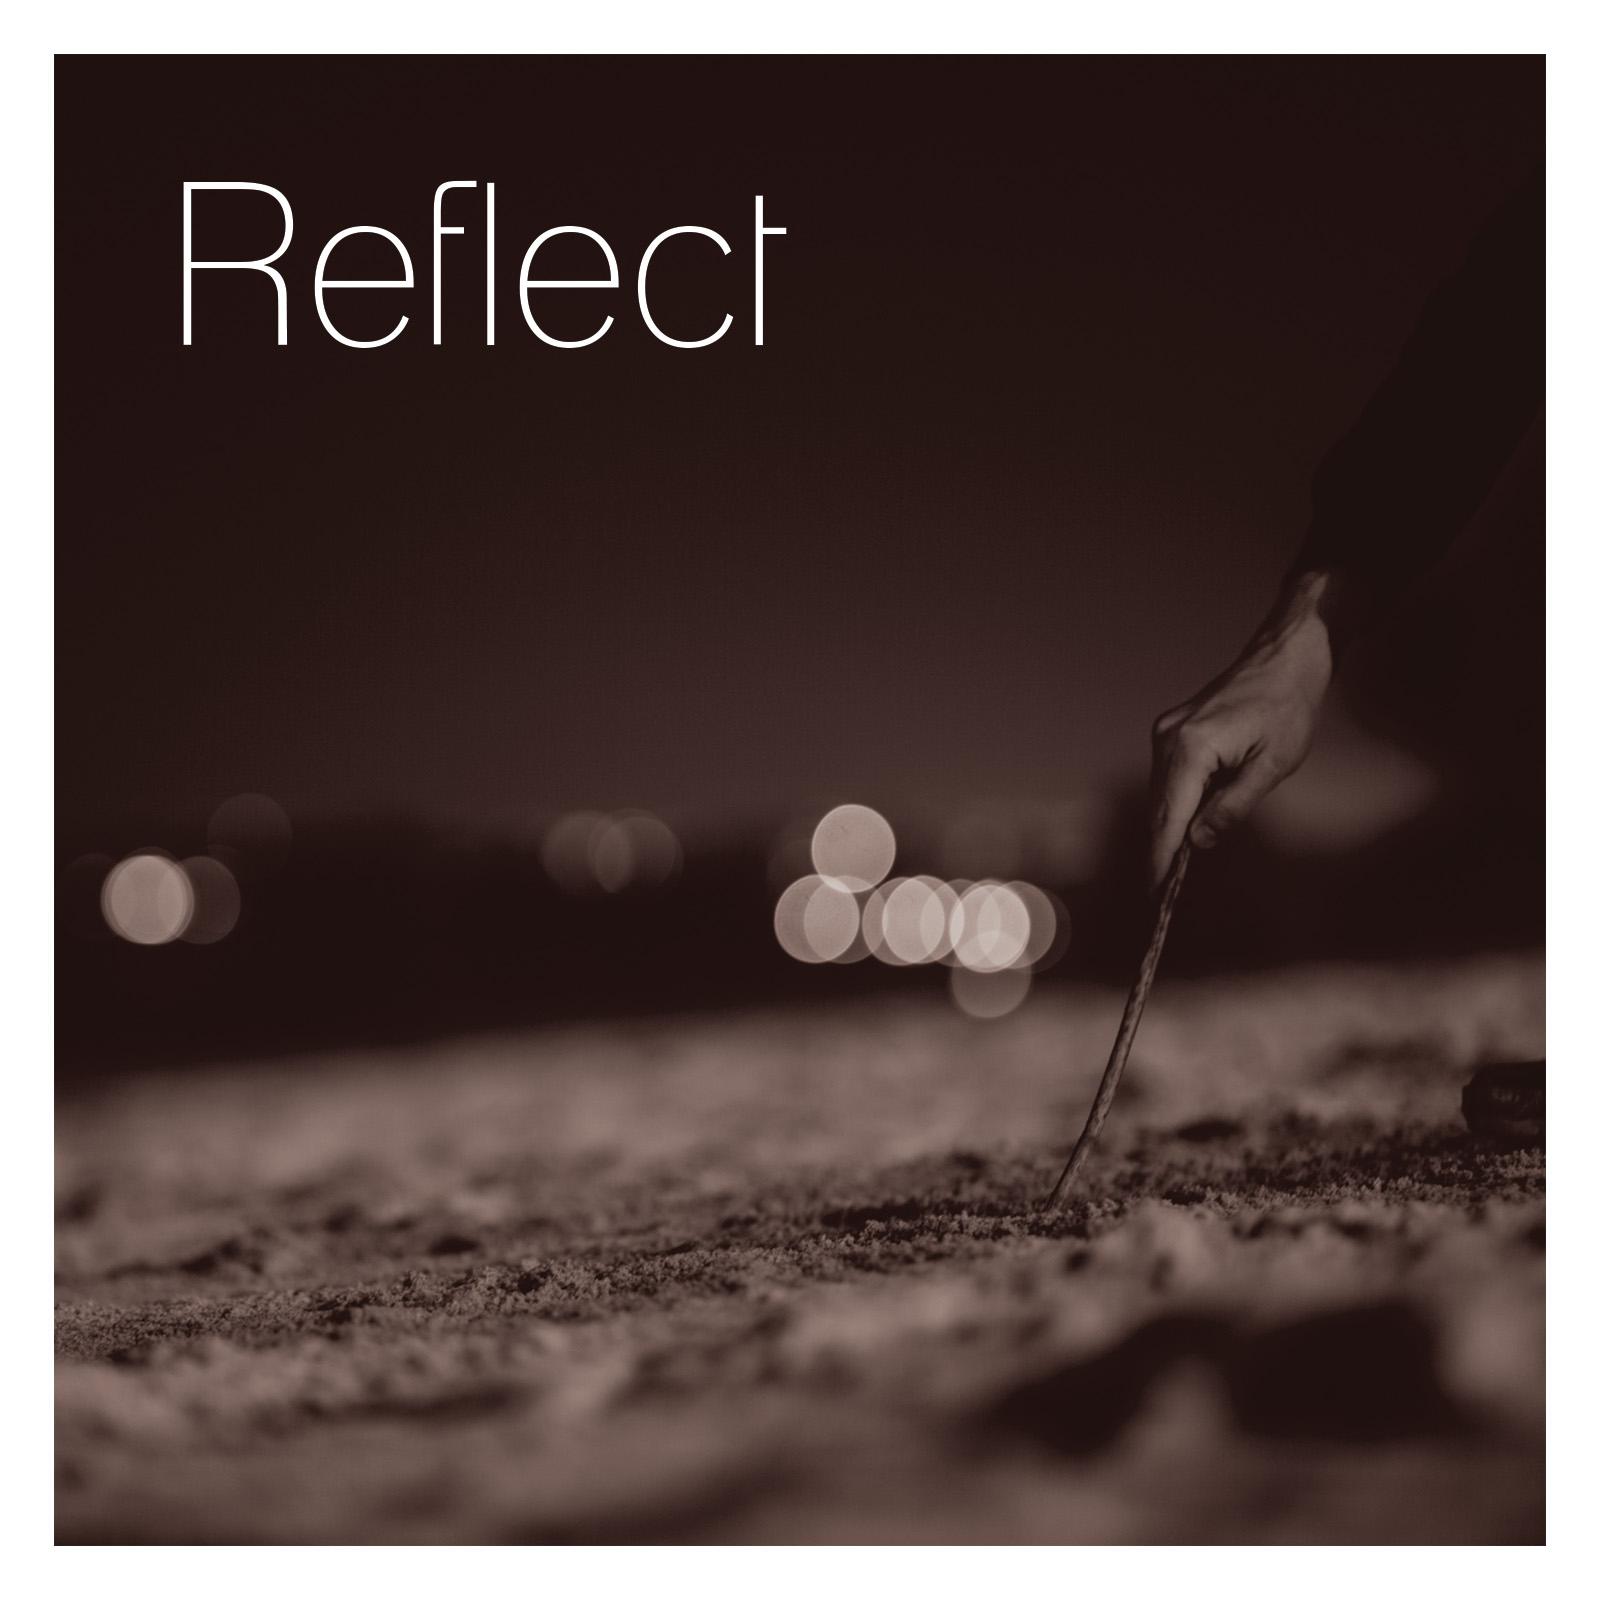 Reflect - Reflect